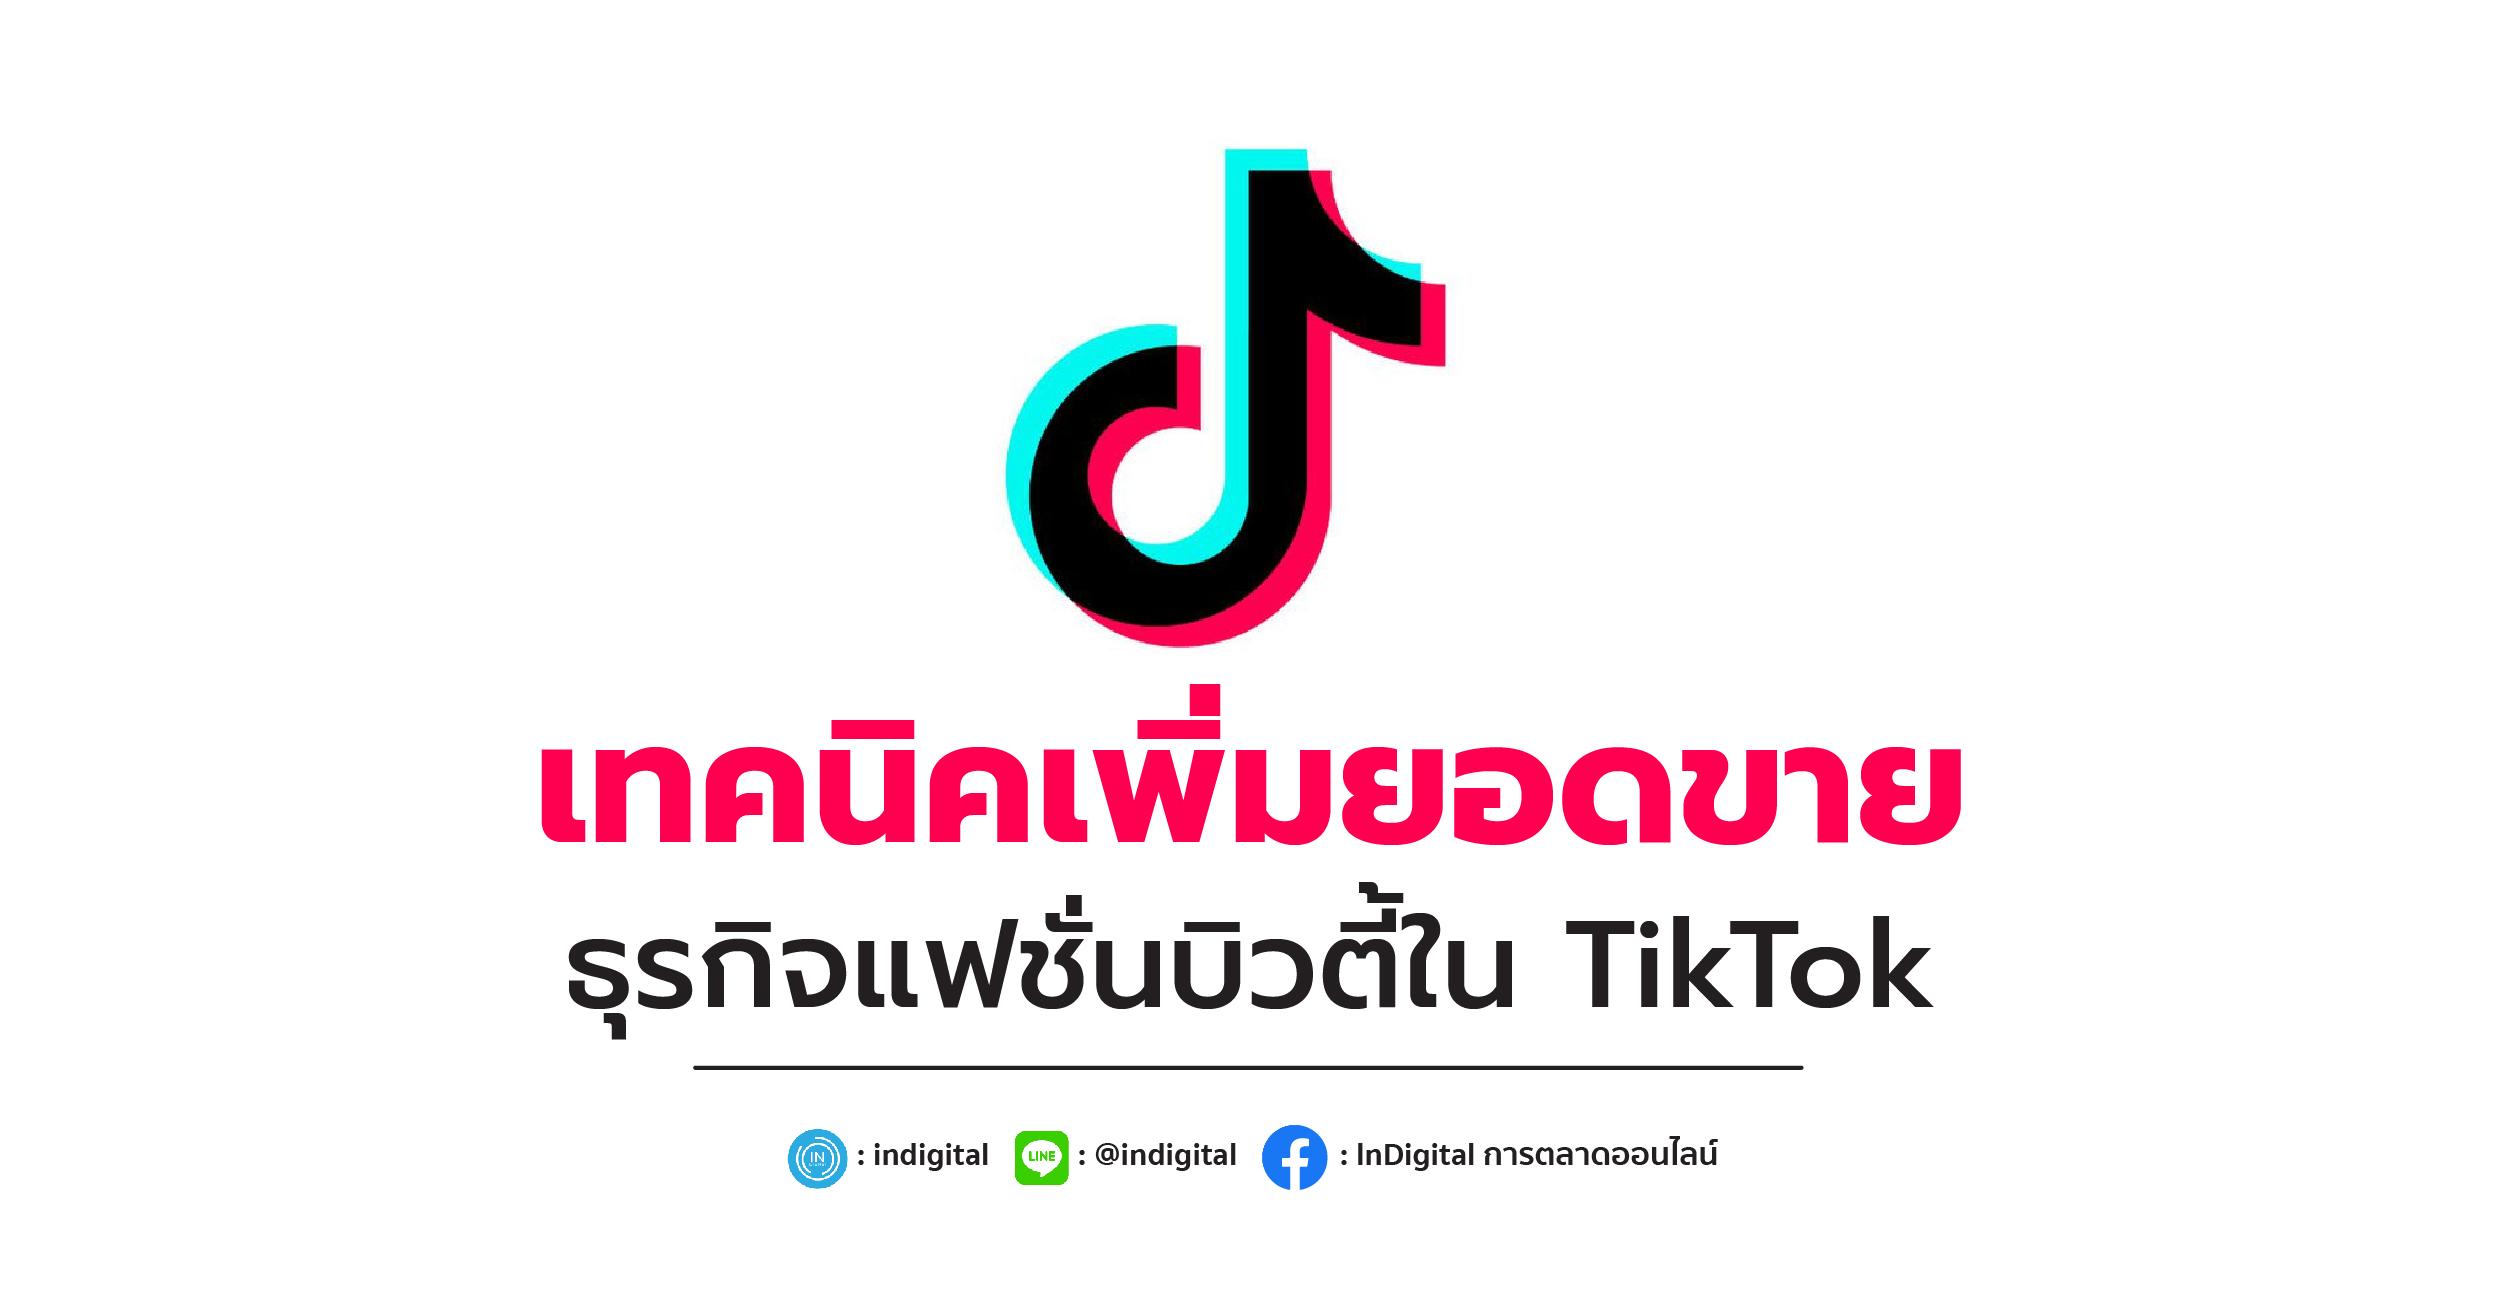 เทคนิคเพิ่มยอดขาย ธุรกิจแฟชั่นบิวตี้ใน TikTok